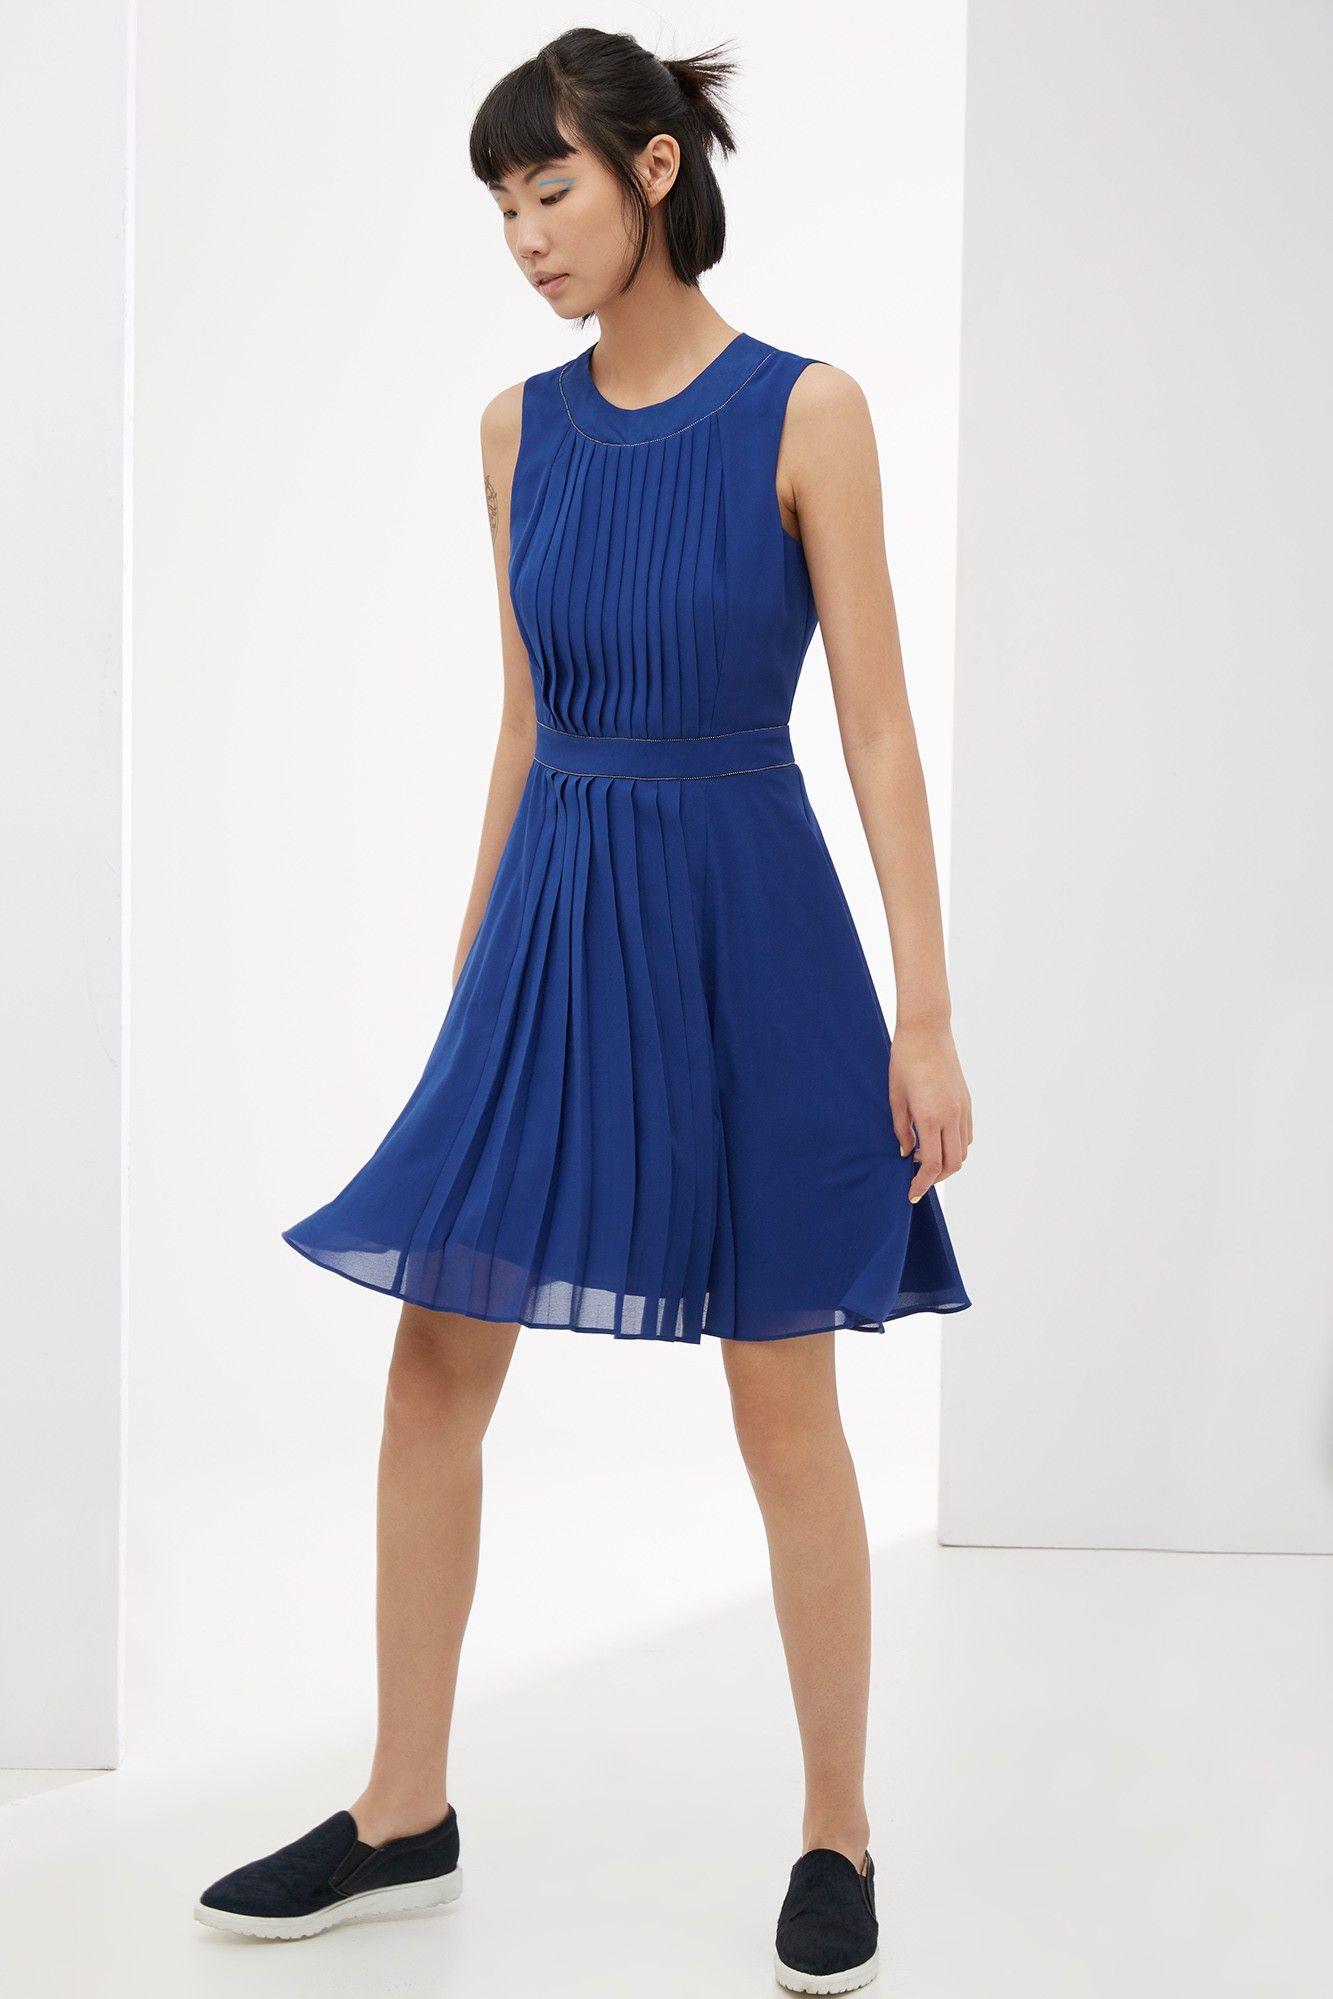 Vestido fluido con pliegues vestidos adolfo dominguez for Adolfo dominguez vestidos outlet